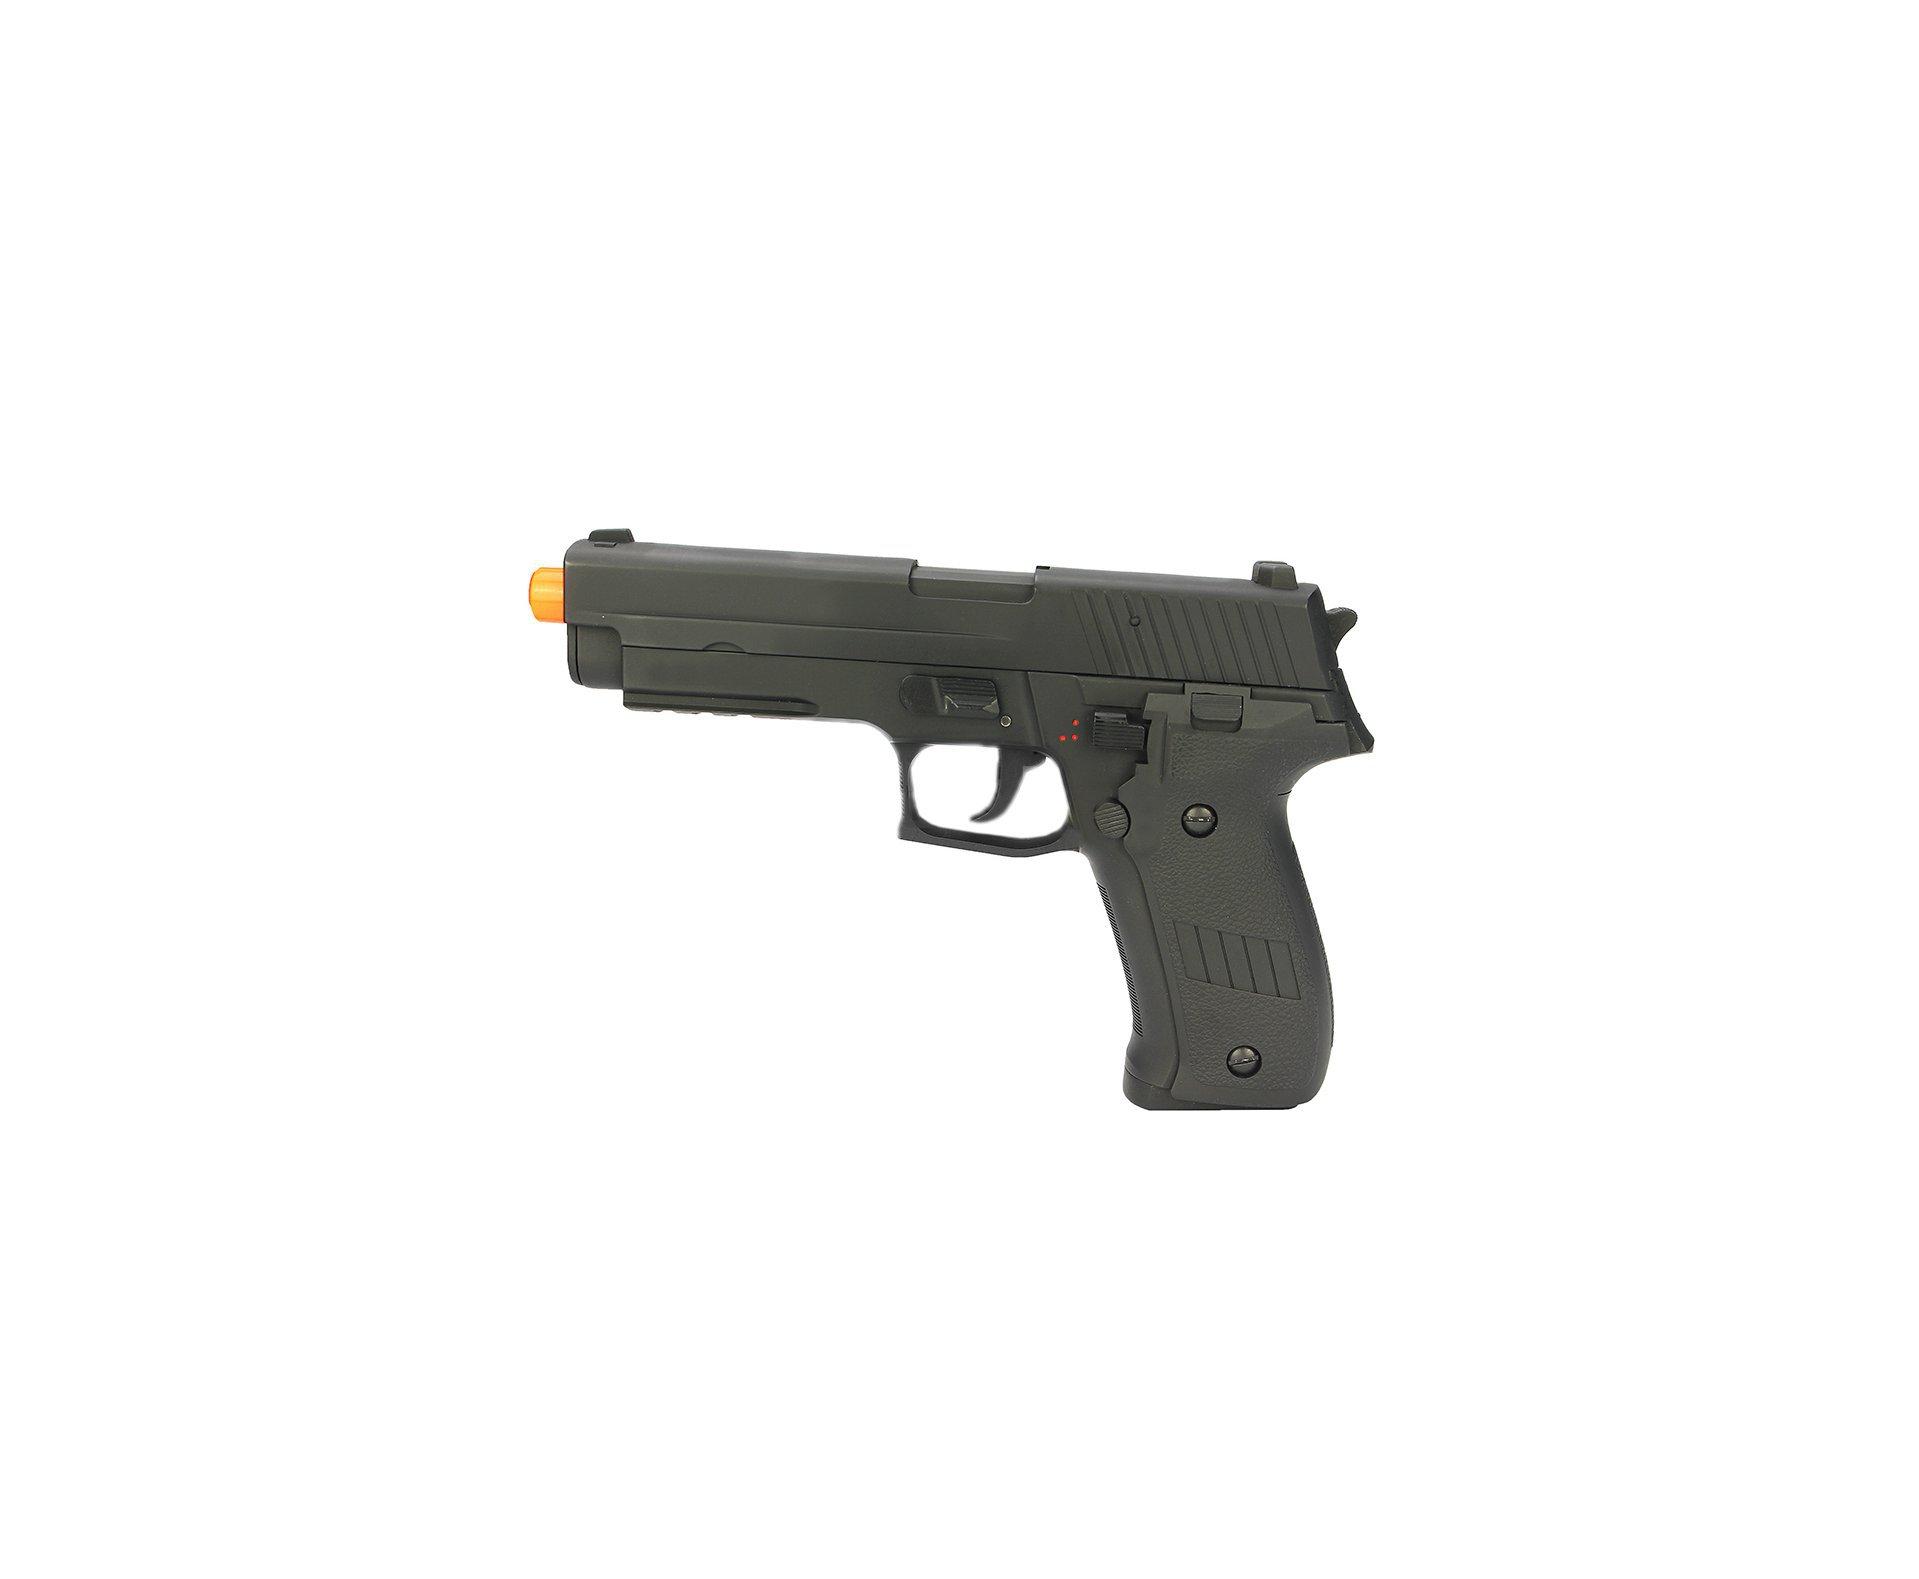 Pistola De Airsoft Sig Sauer P226 - Full Metal Eletrica - Cal 6,0 Mm - Bivolt- Cyma